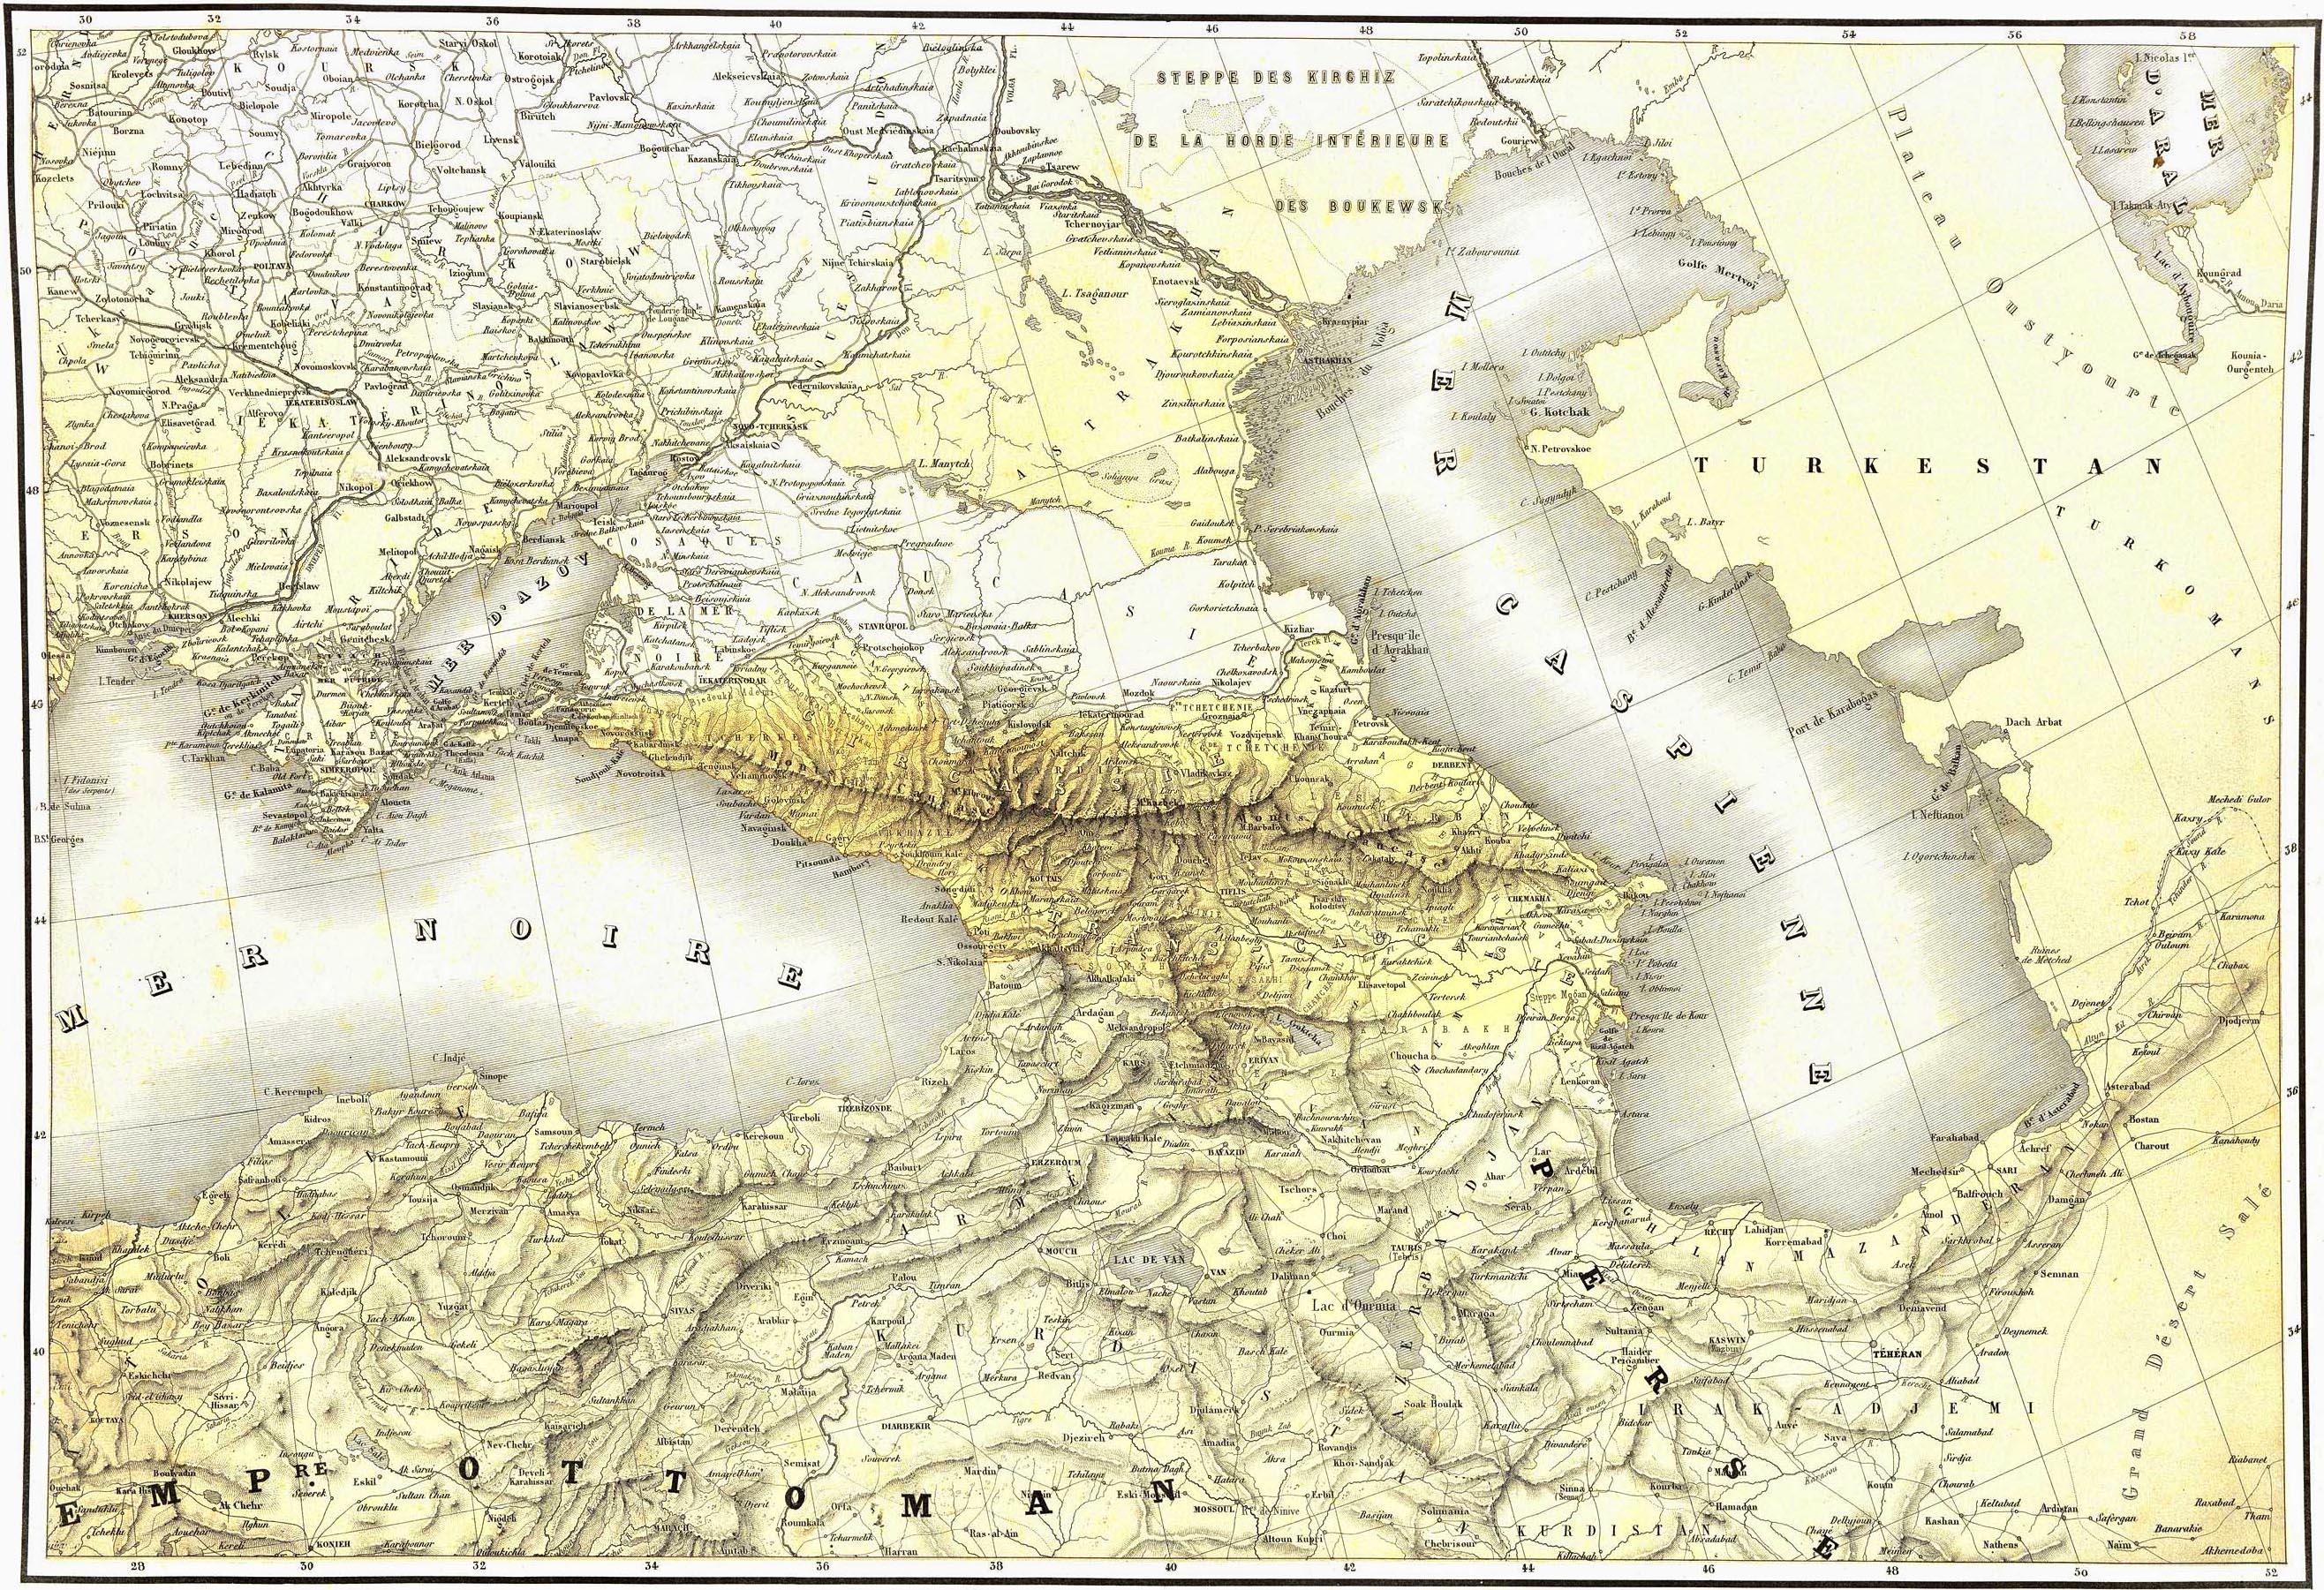 81. Carte generale du Caucase / Общая карта Кавказа